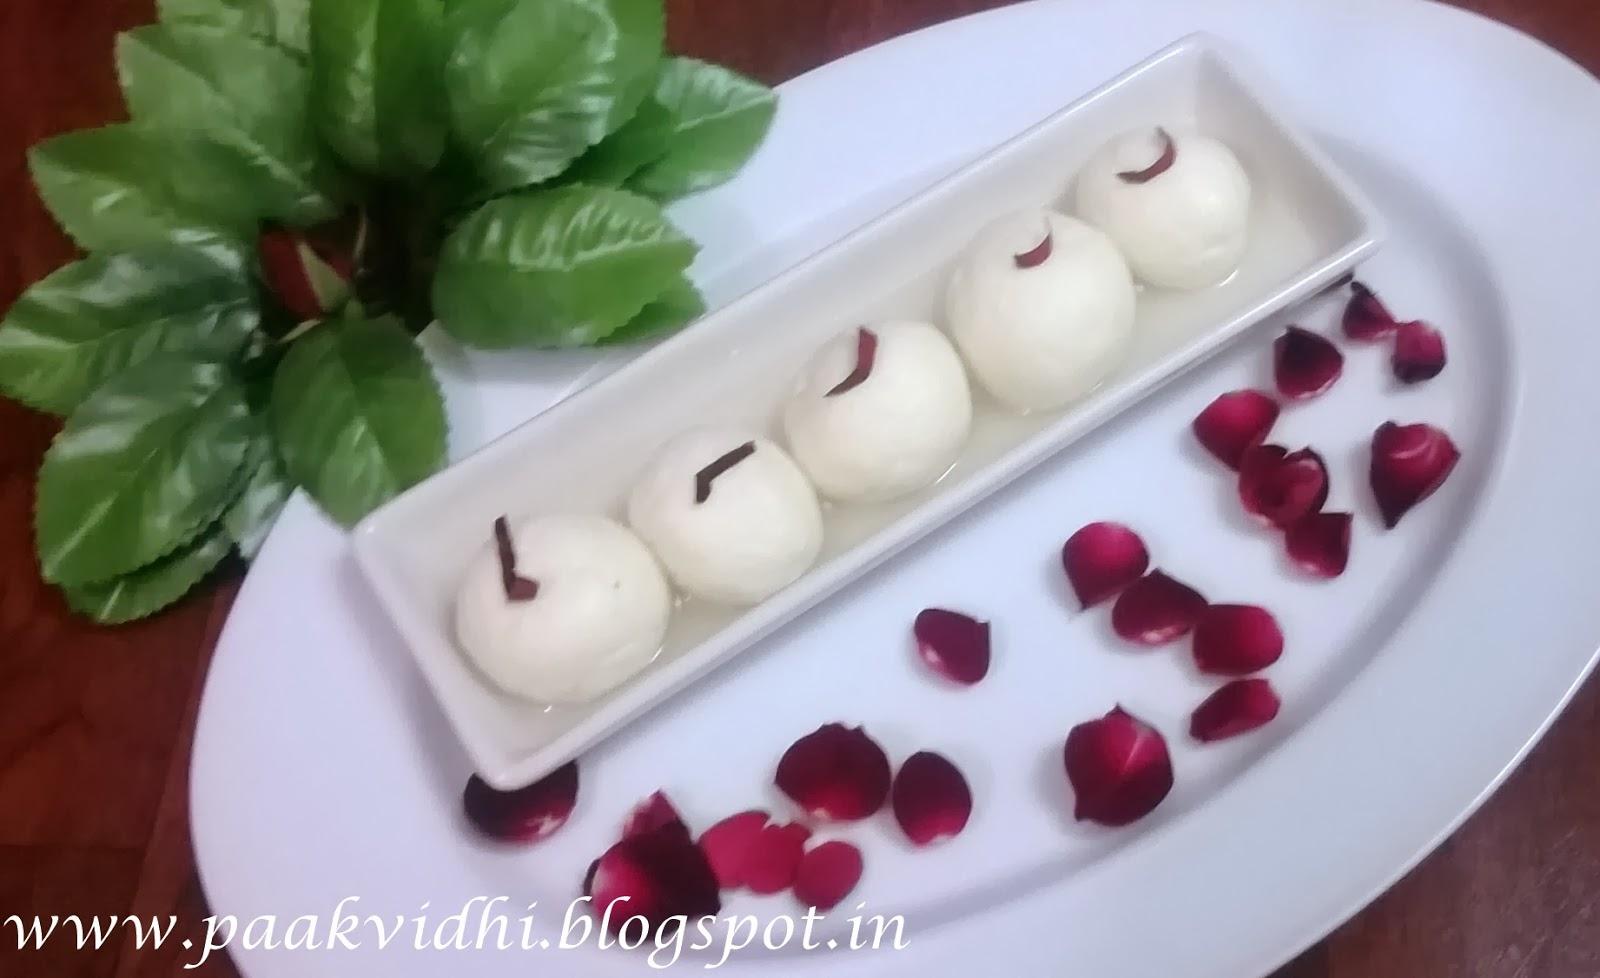 http://paakvidhi.blogspot.in/2014/03/rasgulla.html